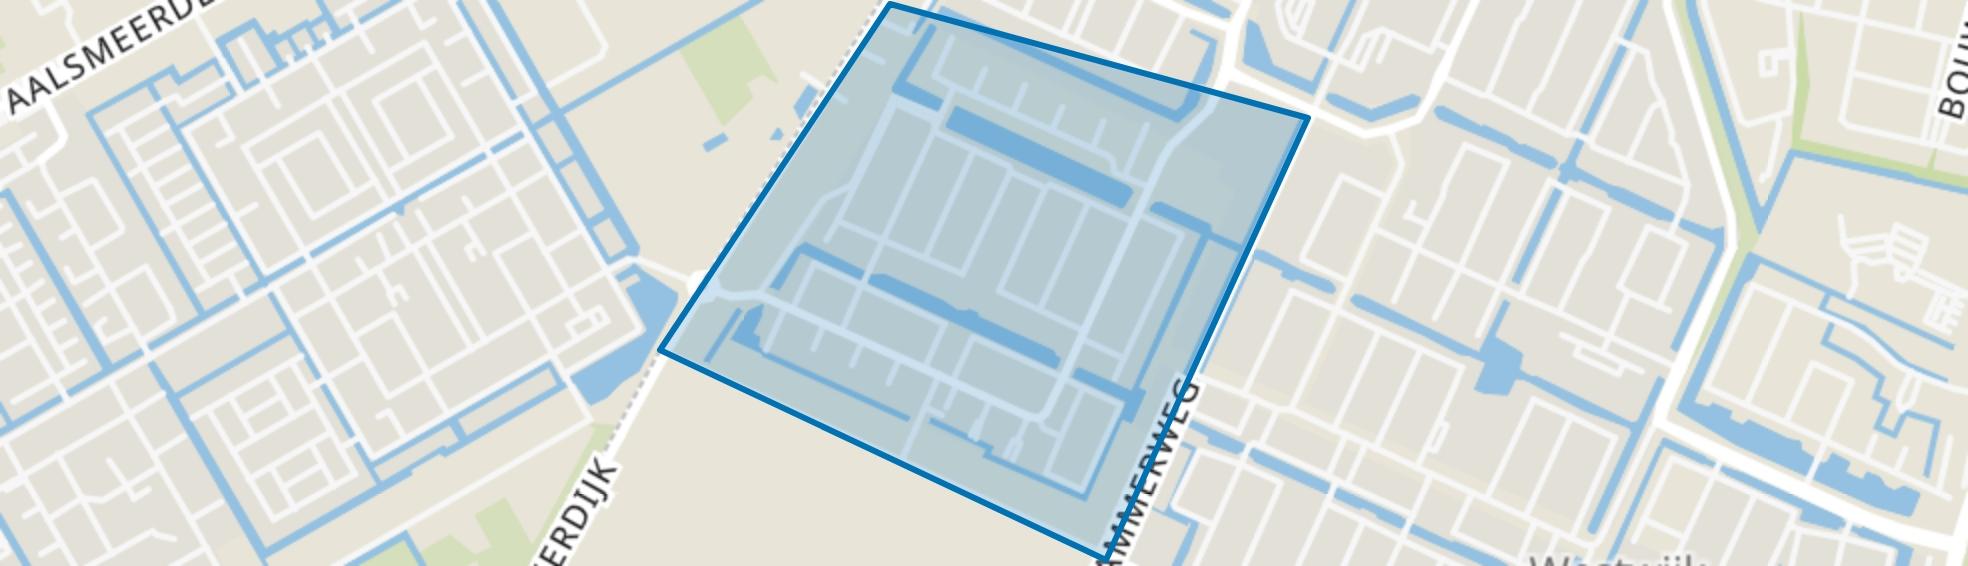 Kastelenbuurt, Amstelveen map